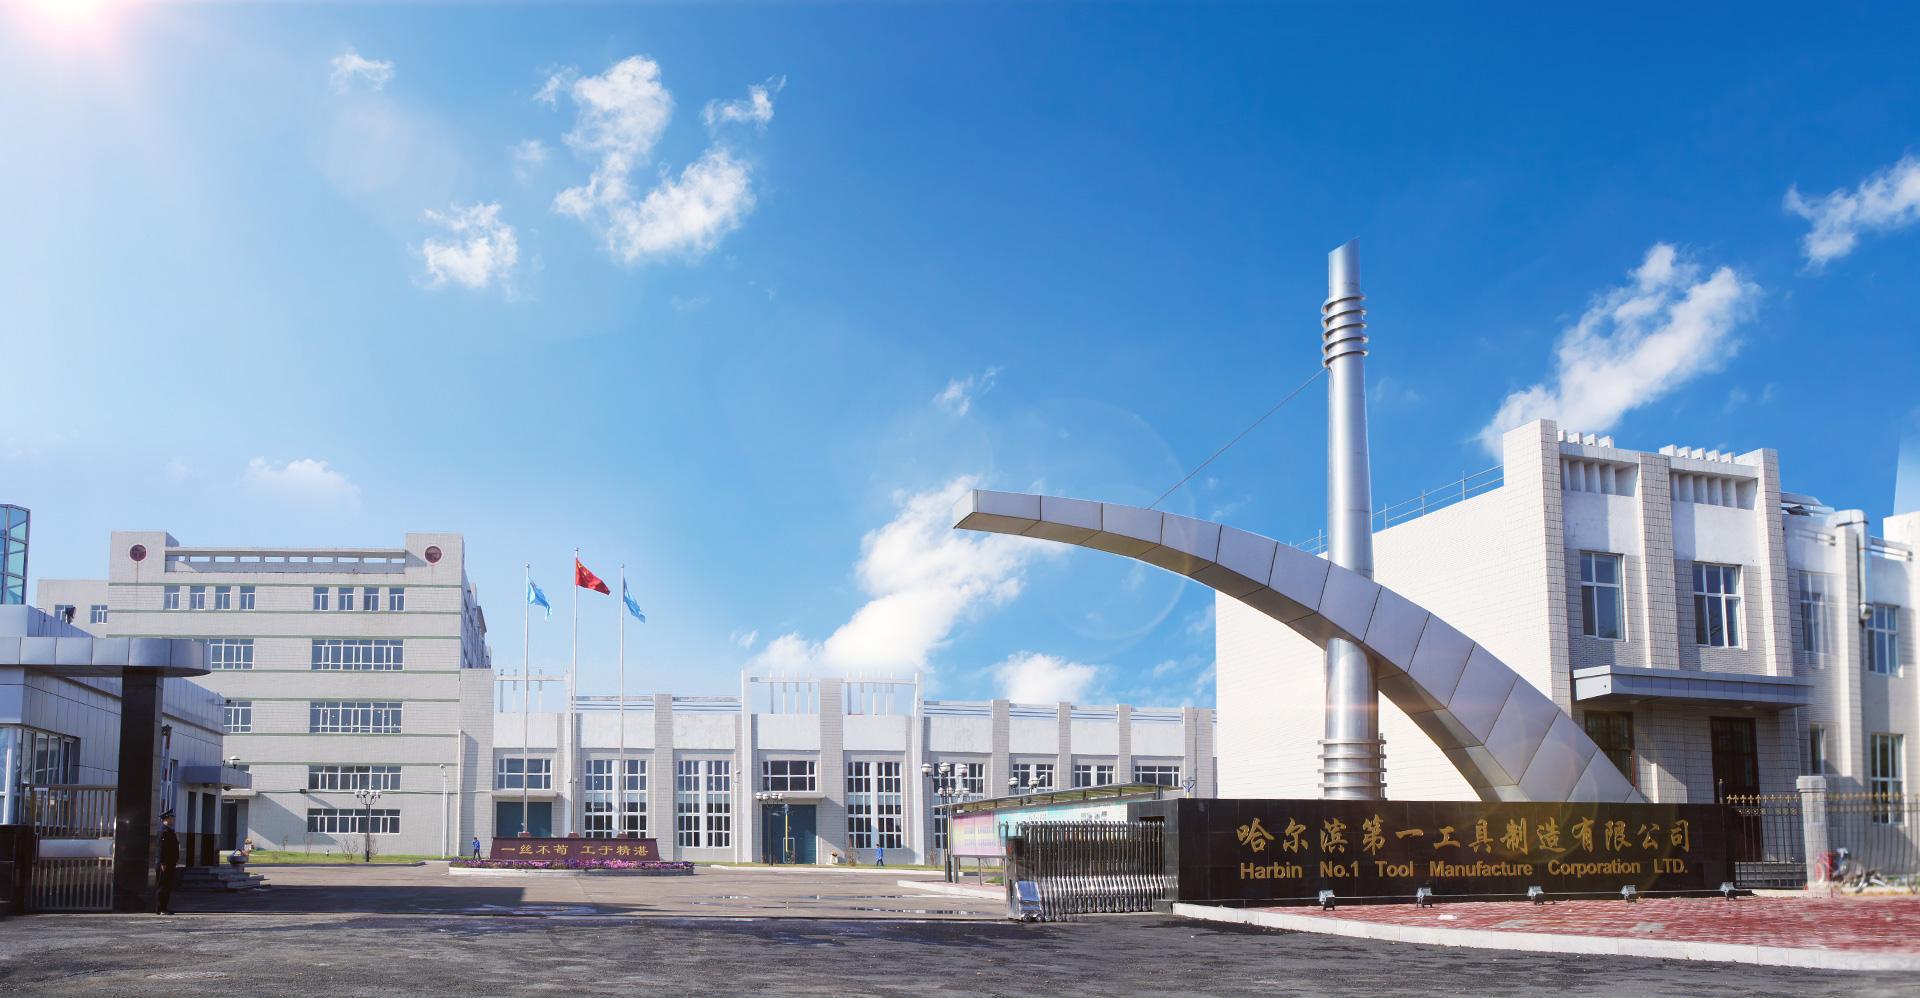 哈爾濱第一工具制造有限公司